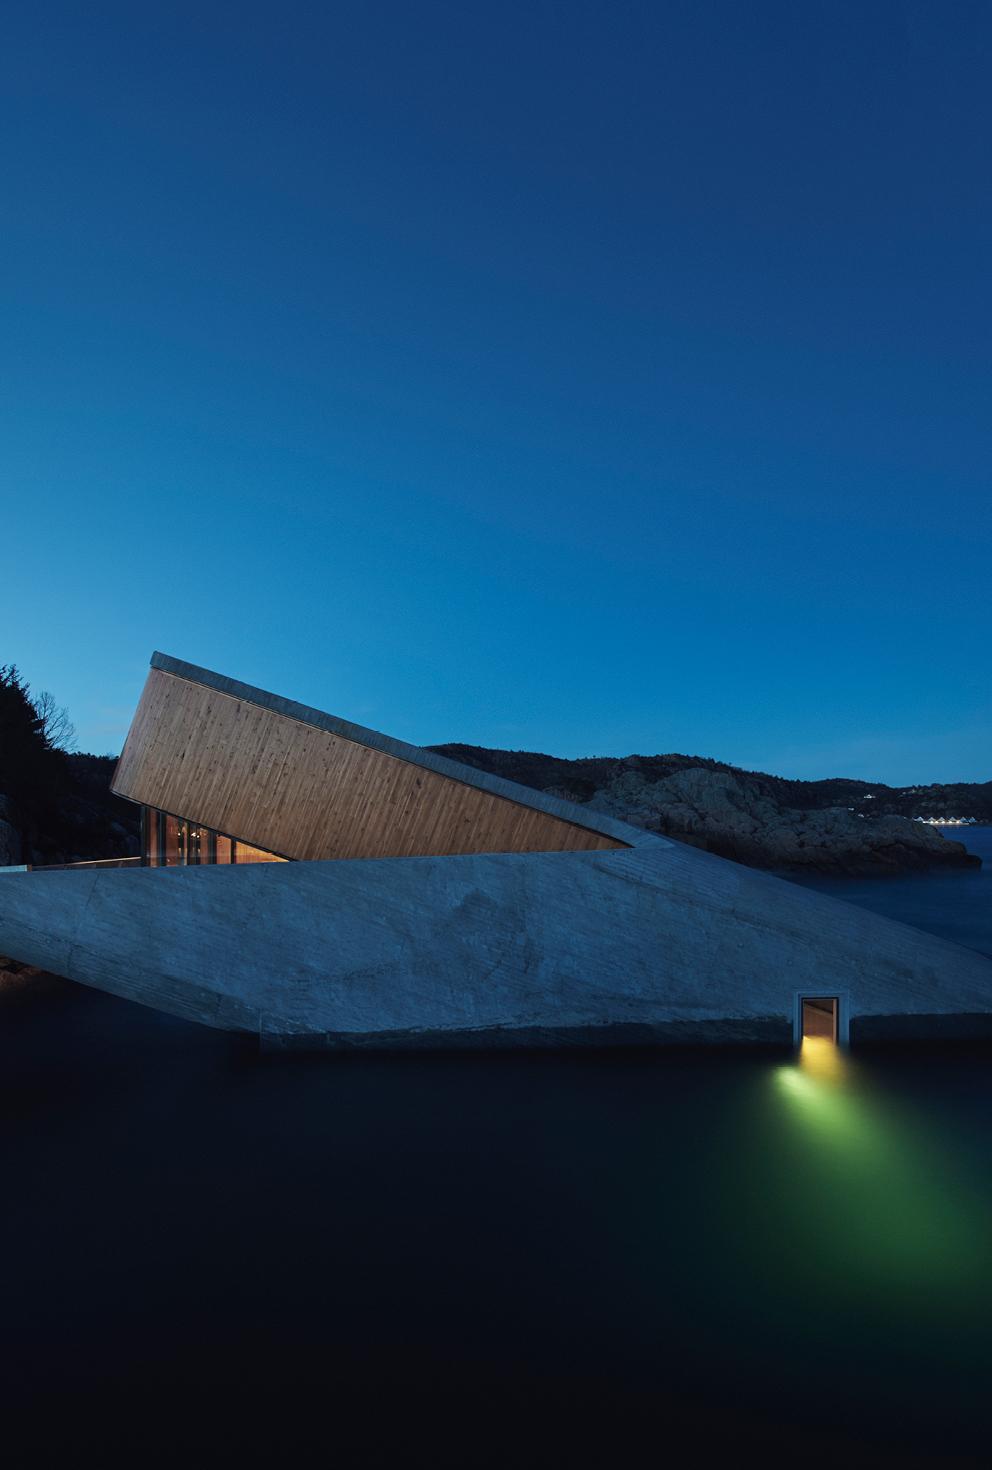 Snohetta creates Europe's first underwater restaurant 'Under' the sea